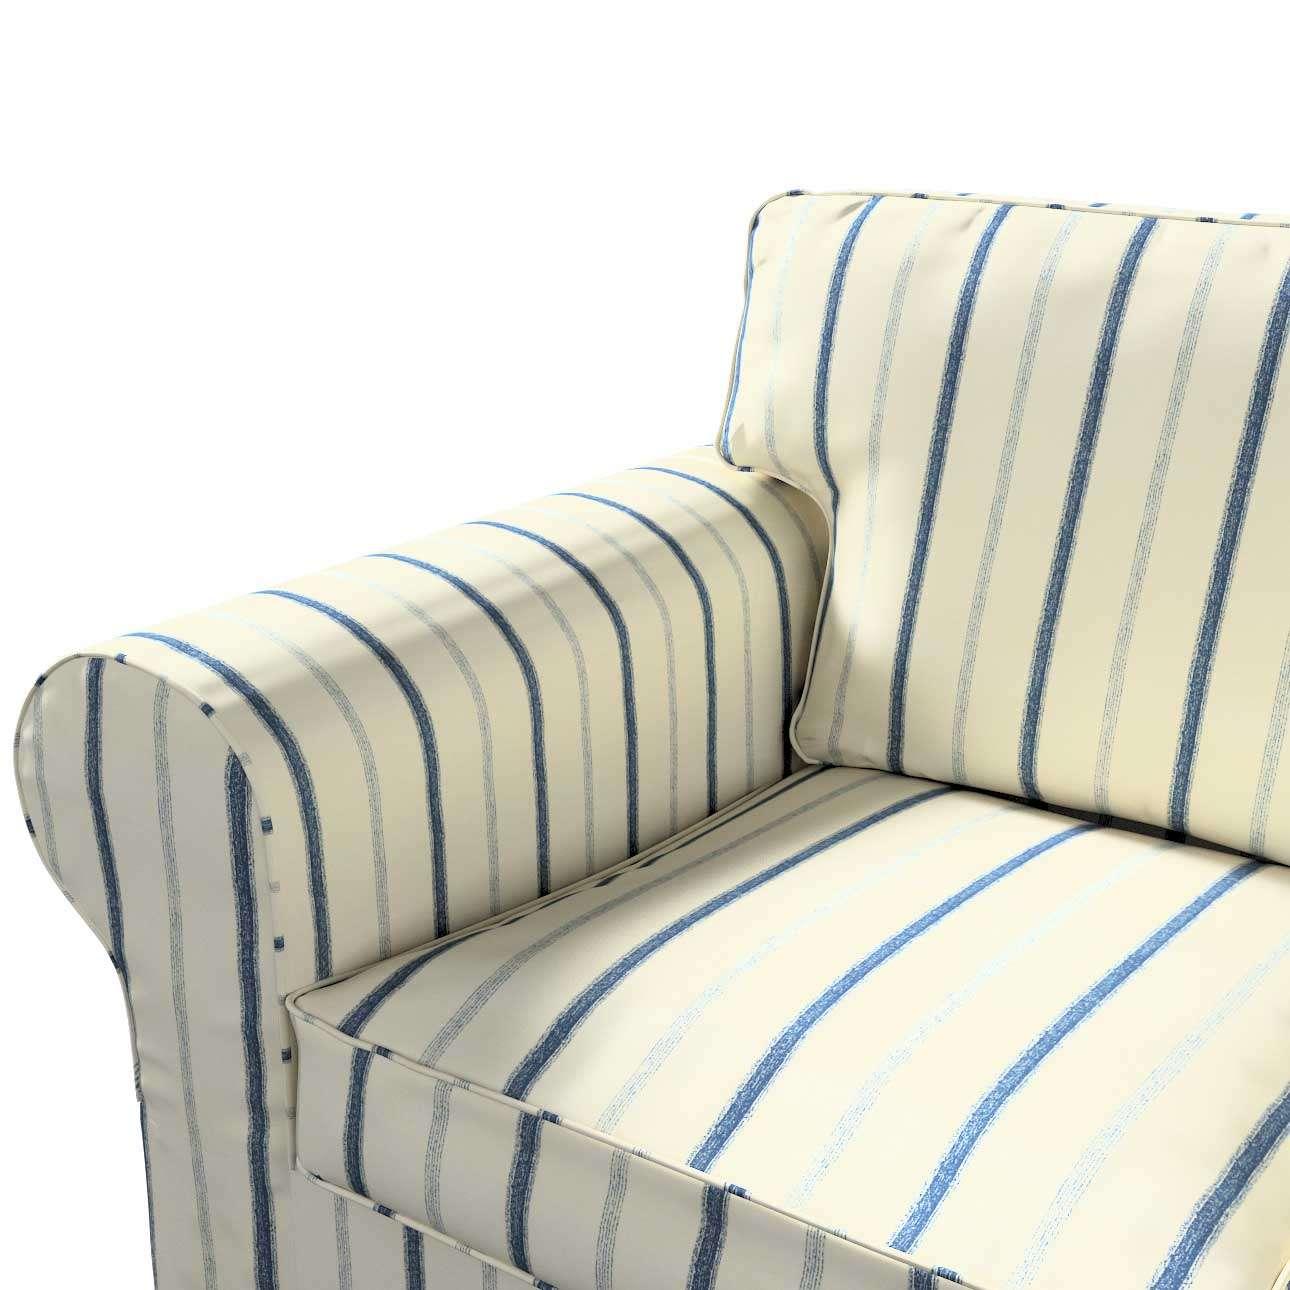 Ektorp 3-Sitzer Schlafsofabezug, ALTES Modell von der Kollektion Avinon, Stoff: 129-66